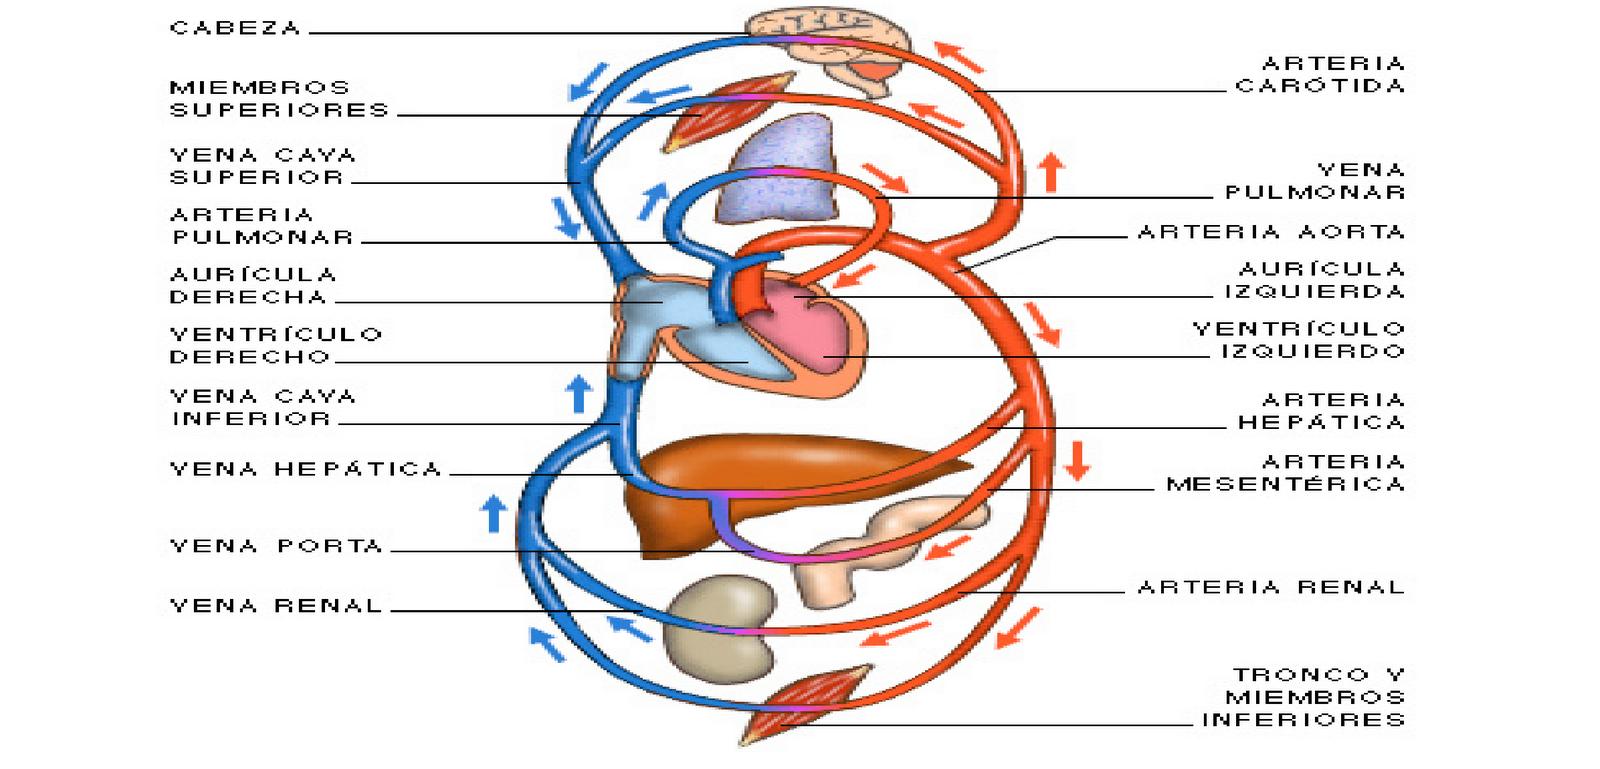 Esquema Doble Circulacion Humanos Funciones De Nutricion Nutricion En Animales Ventriculo Izquierdo